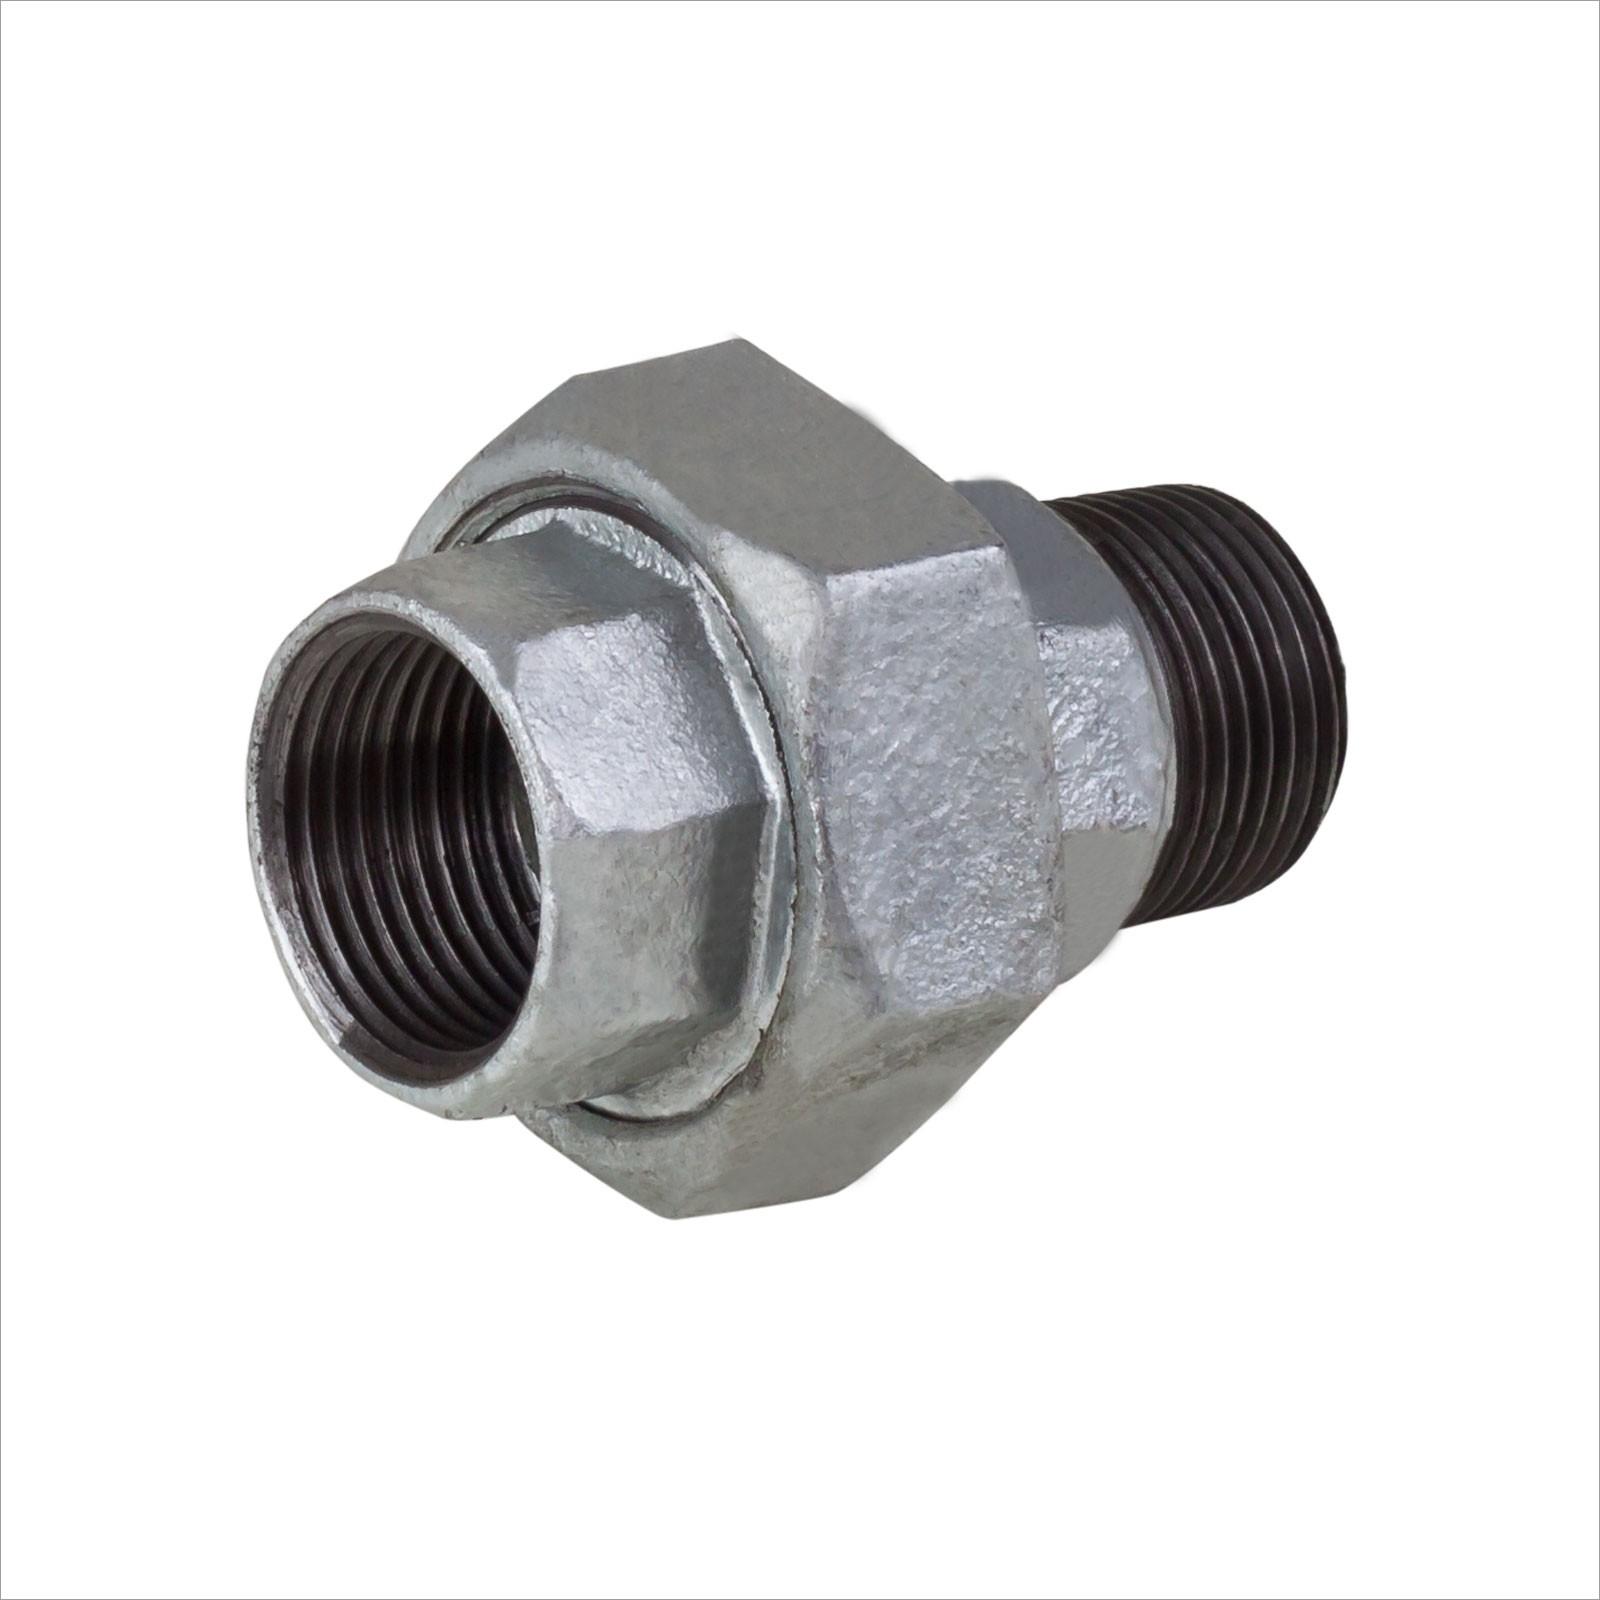 Rohr Verschraubung 1/2 Zoll IG/AG DN15 verzinkt mit Dichtung